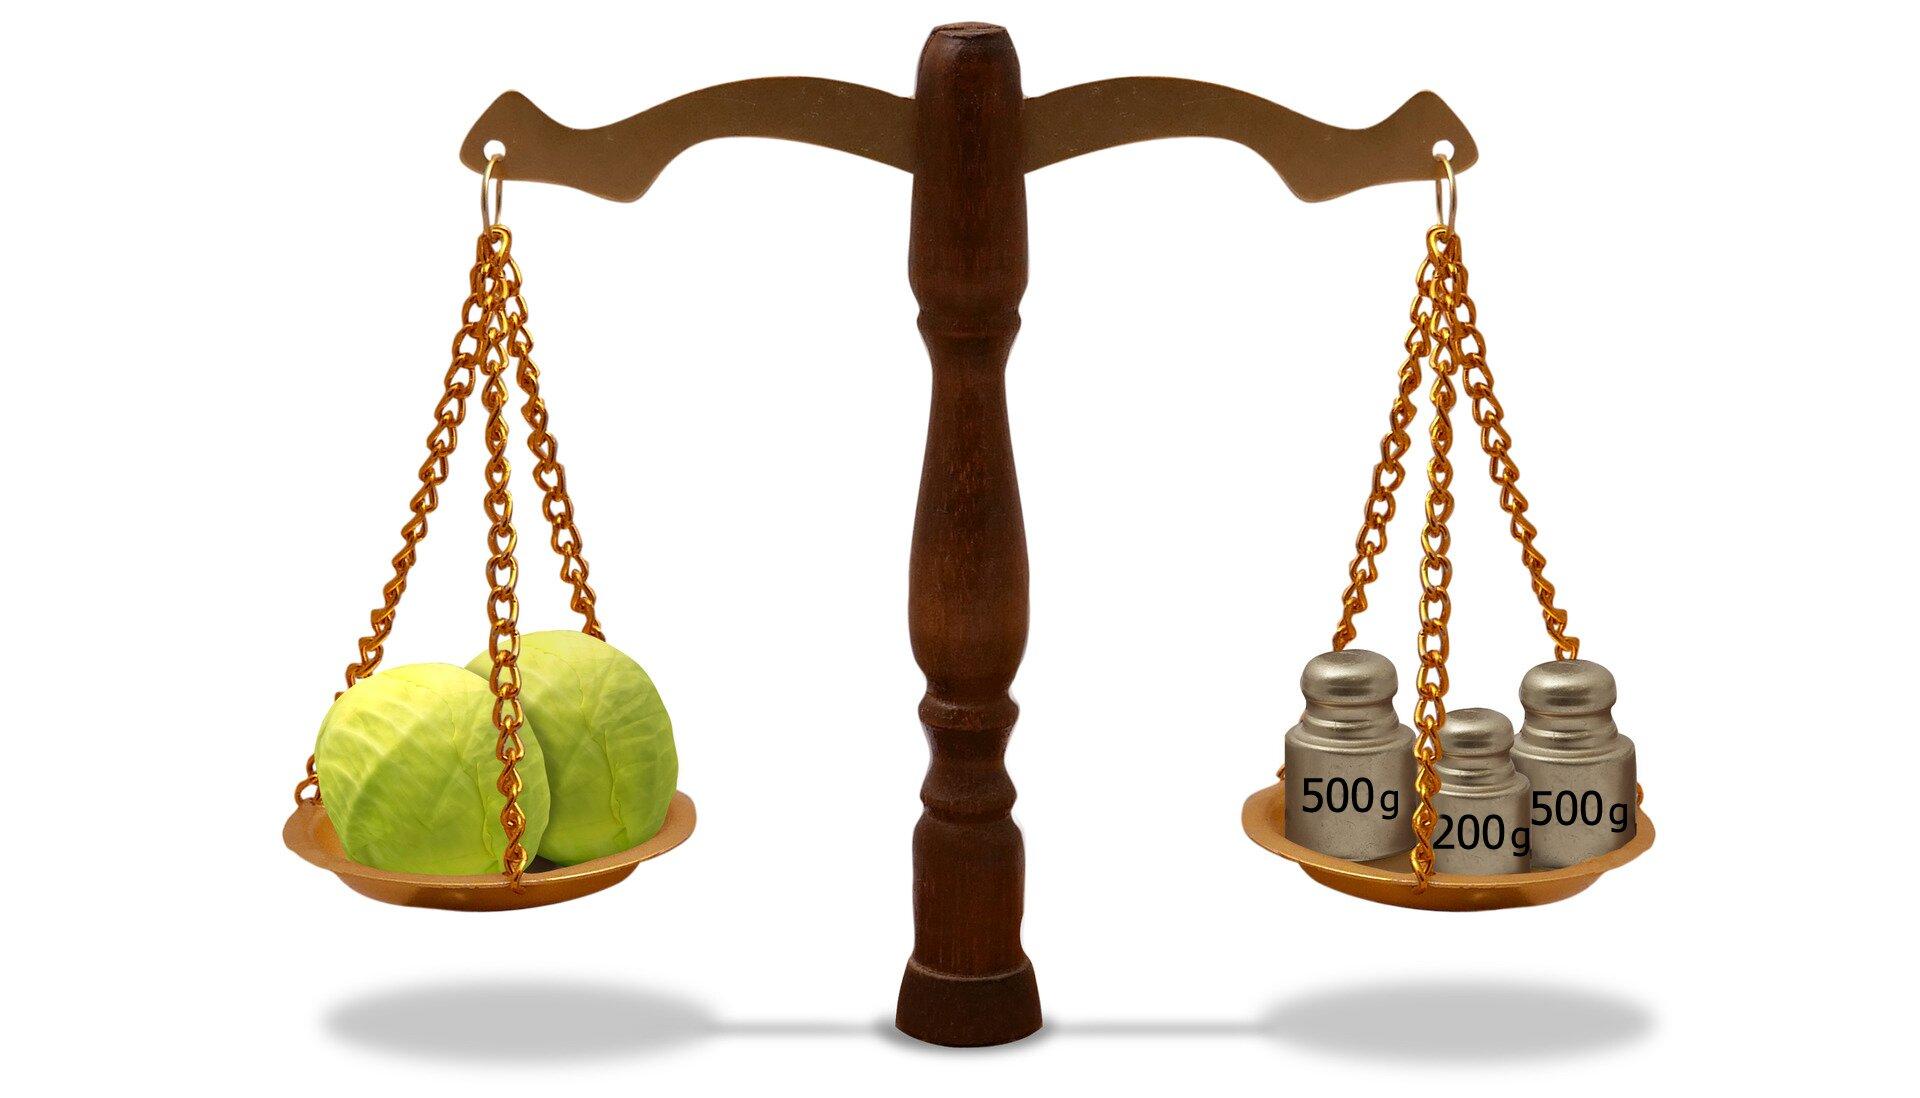 Rysunek wagi szalkowej. Na jednej szalce 2 kapusty, na drugiej trzy odważniki 500 g, 200 gi500 g.